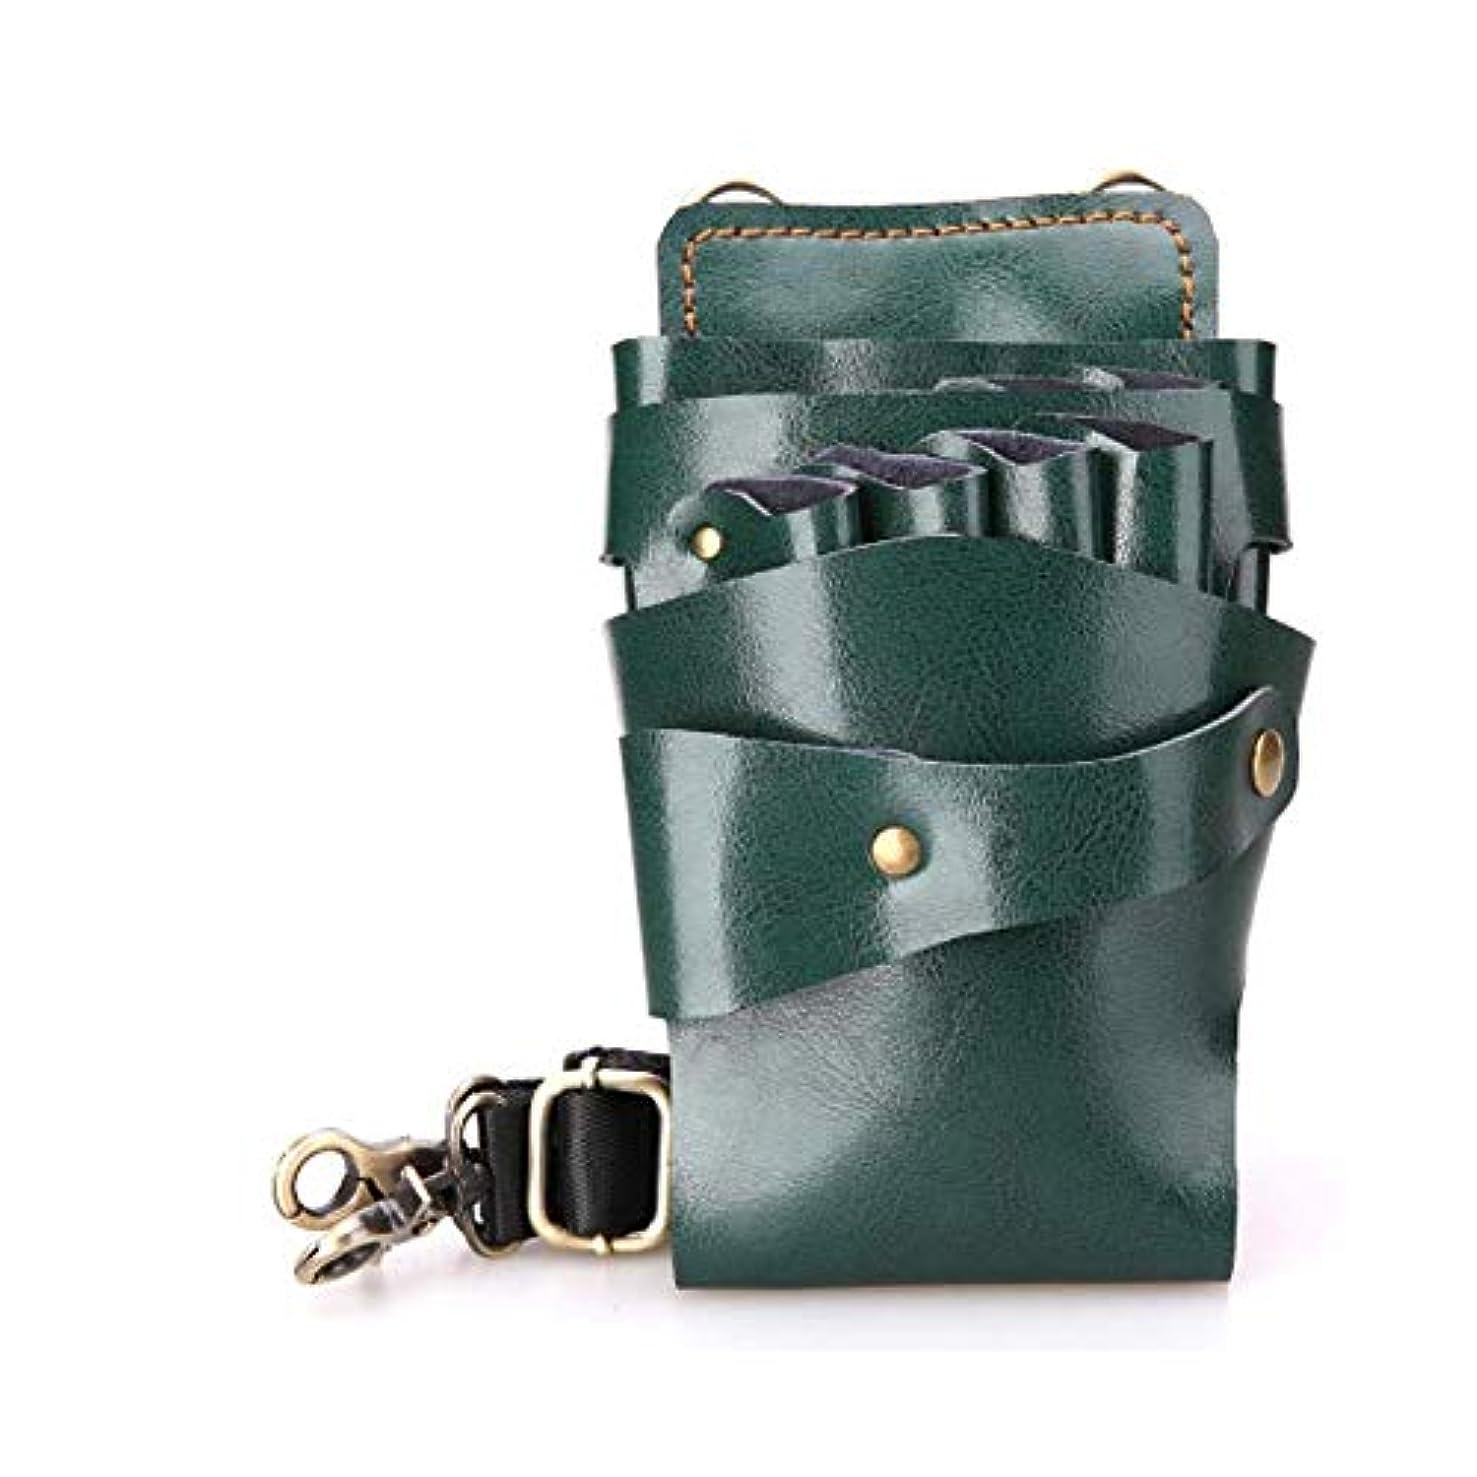 混合笑いくまYWAWJ 優れたイタリア素材はプロフェッショナルサロン革シザーバッグ理髪ポーチ理容シザーの作品 (Color : Green)